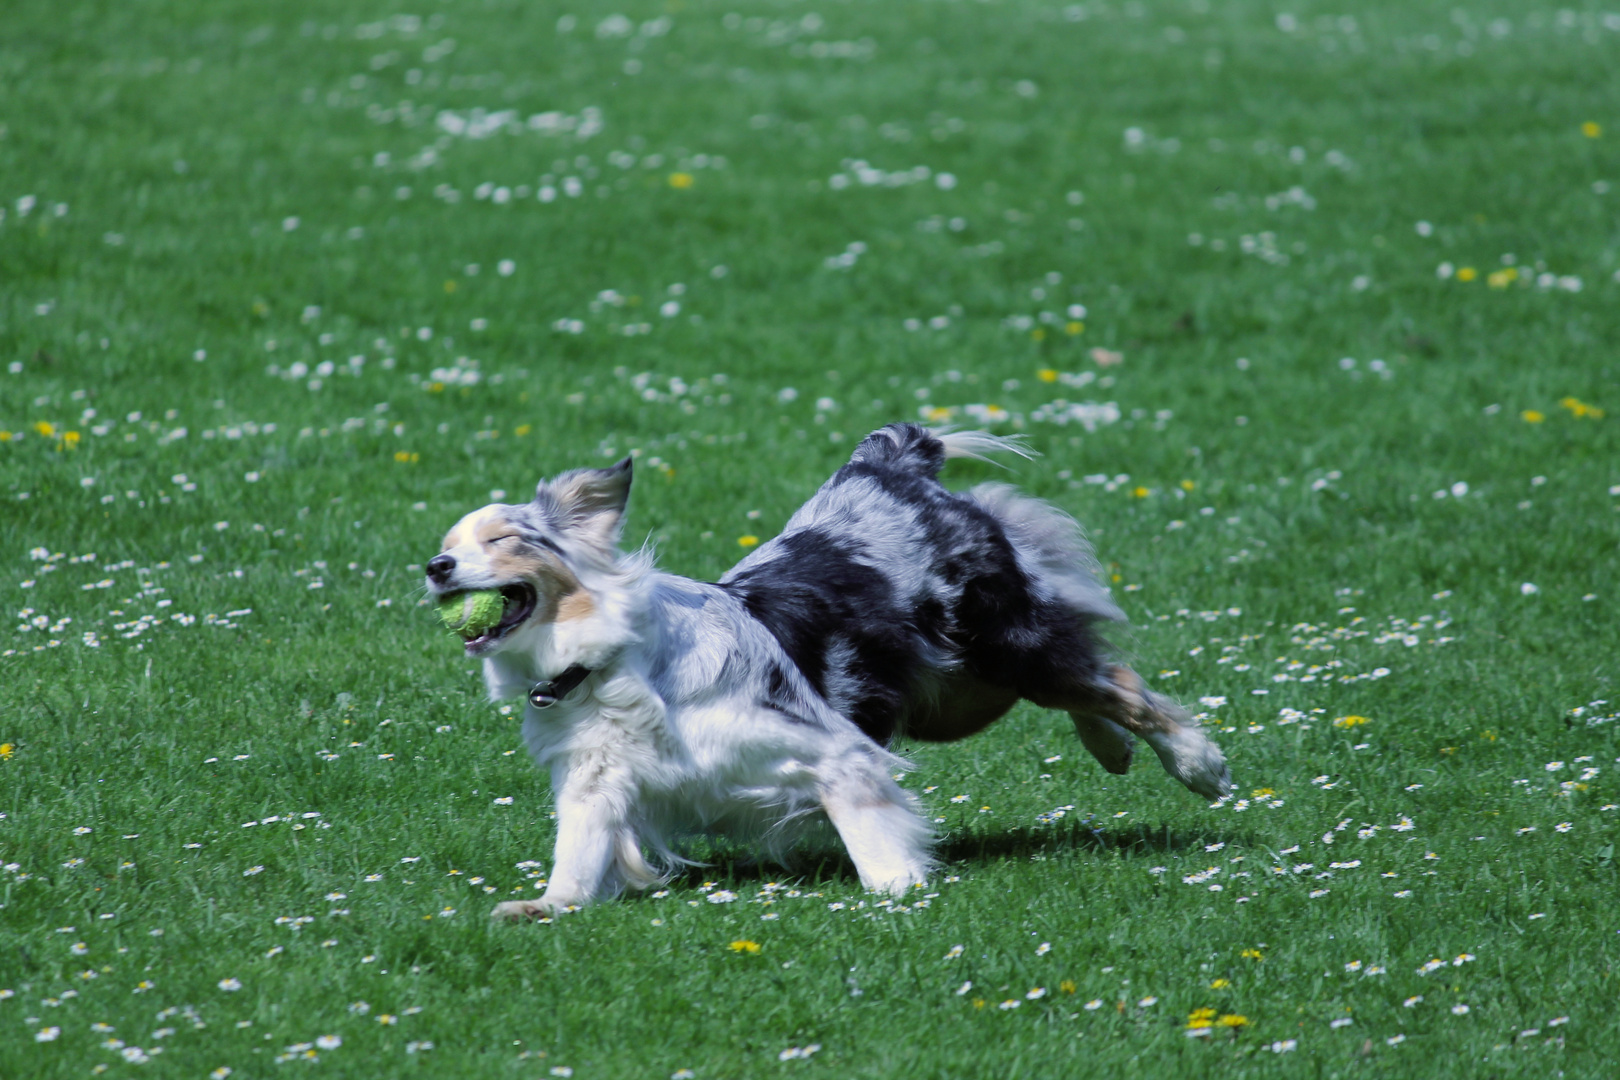 Hund beim spielen